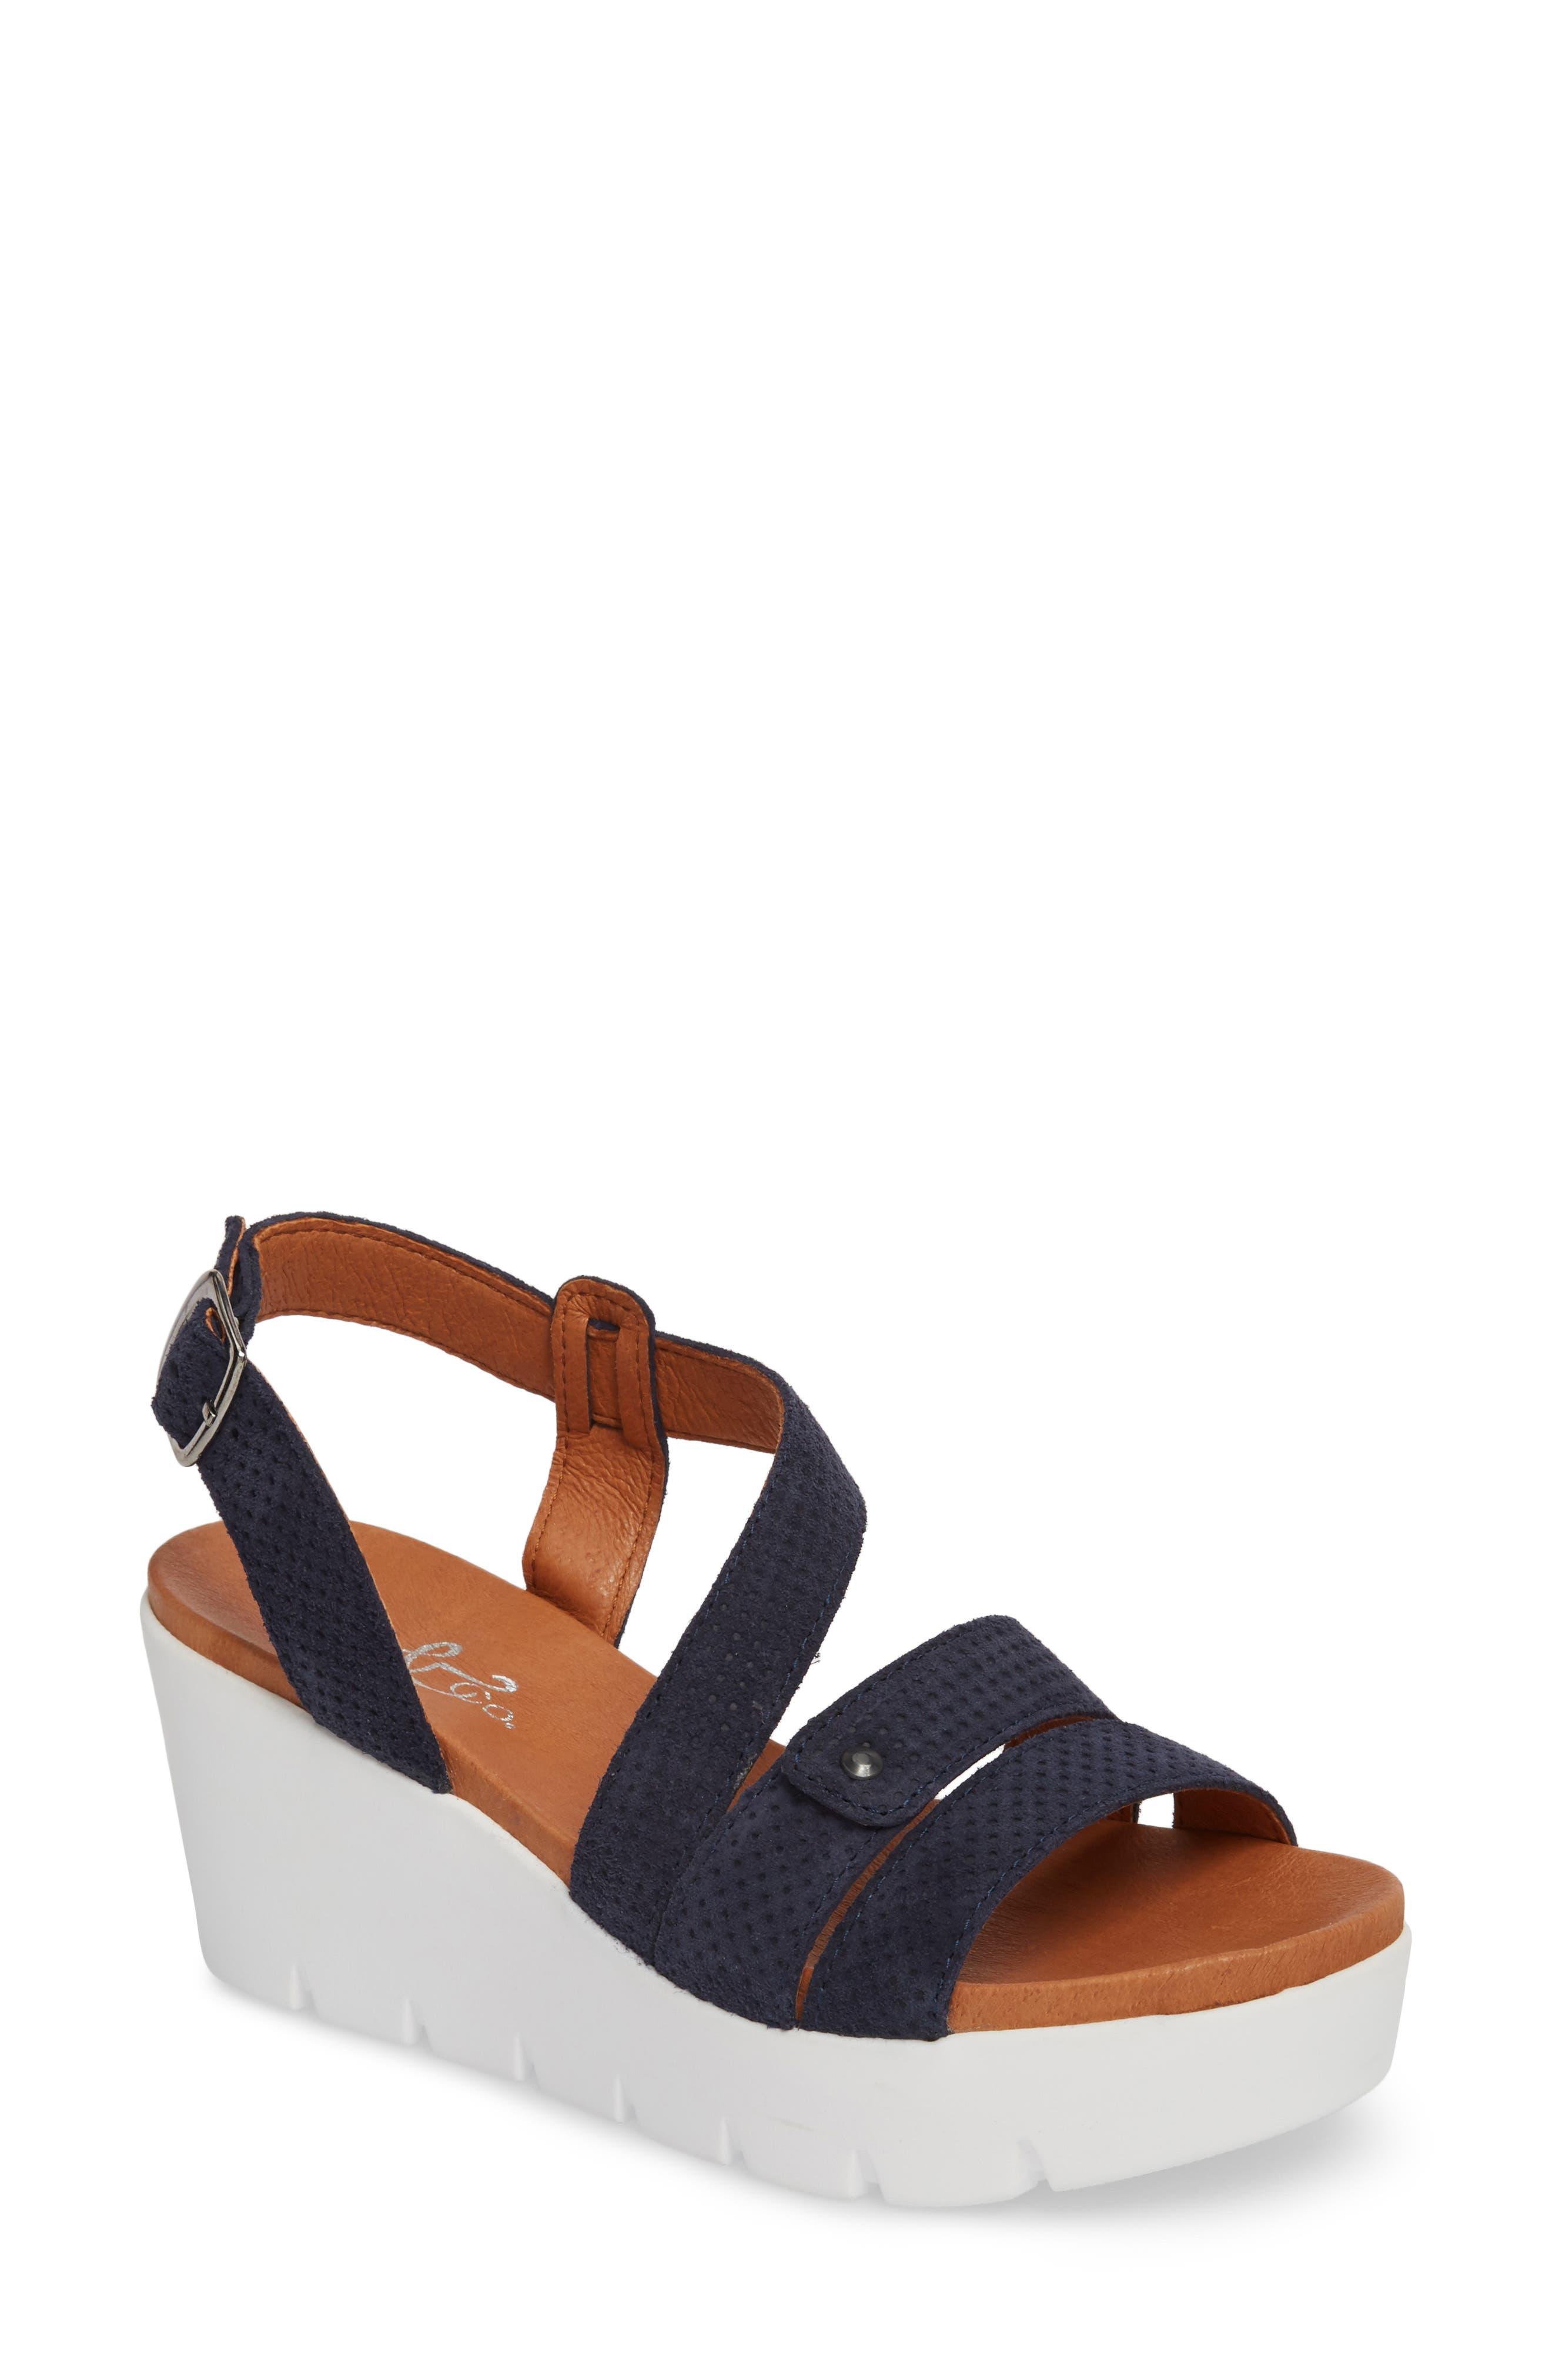 Bos. & Co. Sierra Platform Wedge Sandal